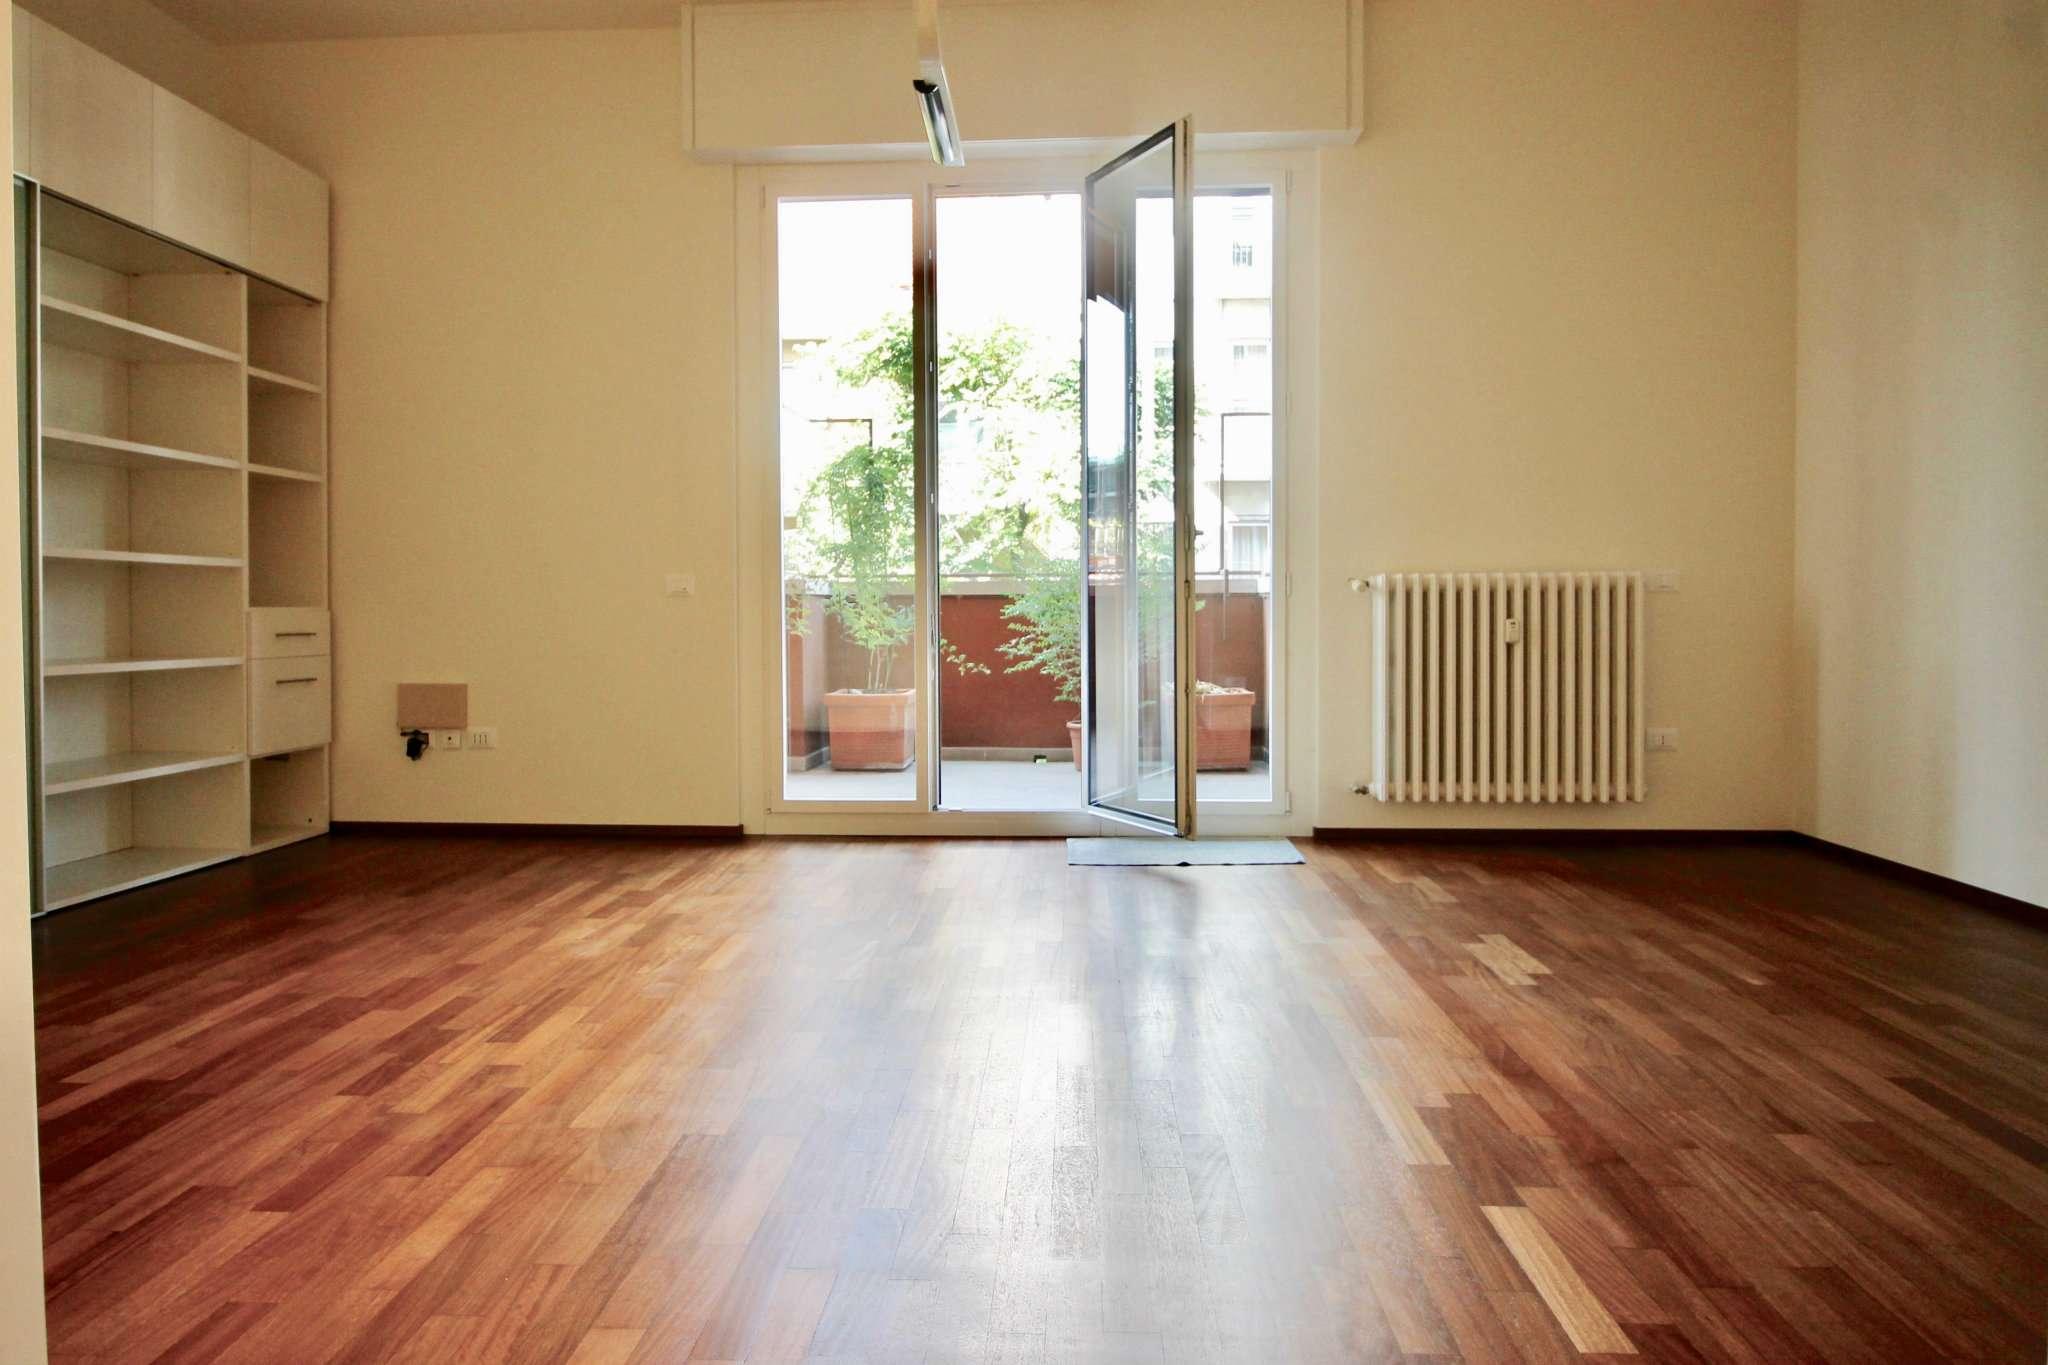 Appartamento in Affitto a Milano 02 Brera / Volta / Repubblica: 3 locali, 125 mq